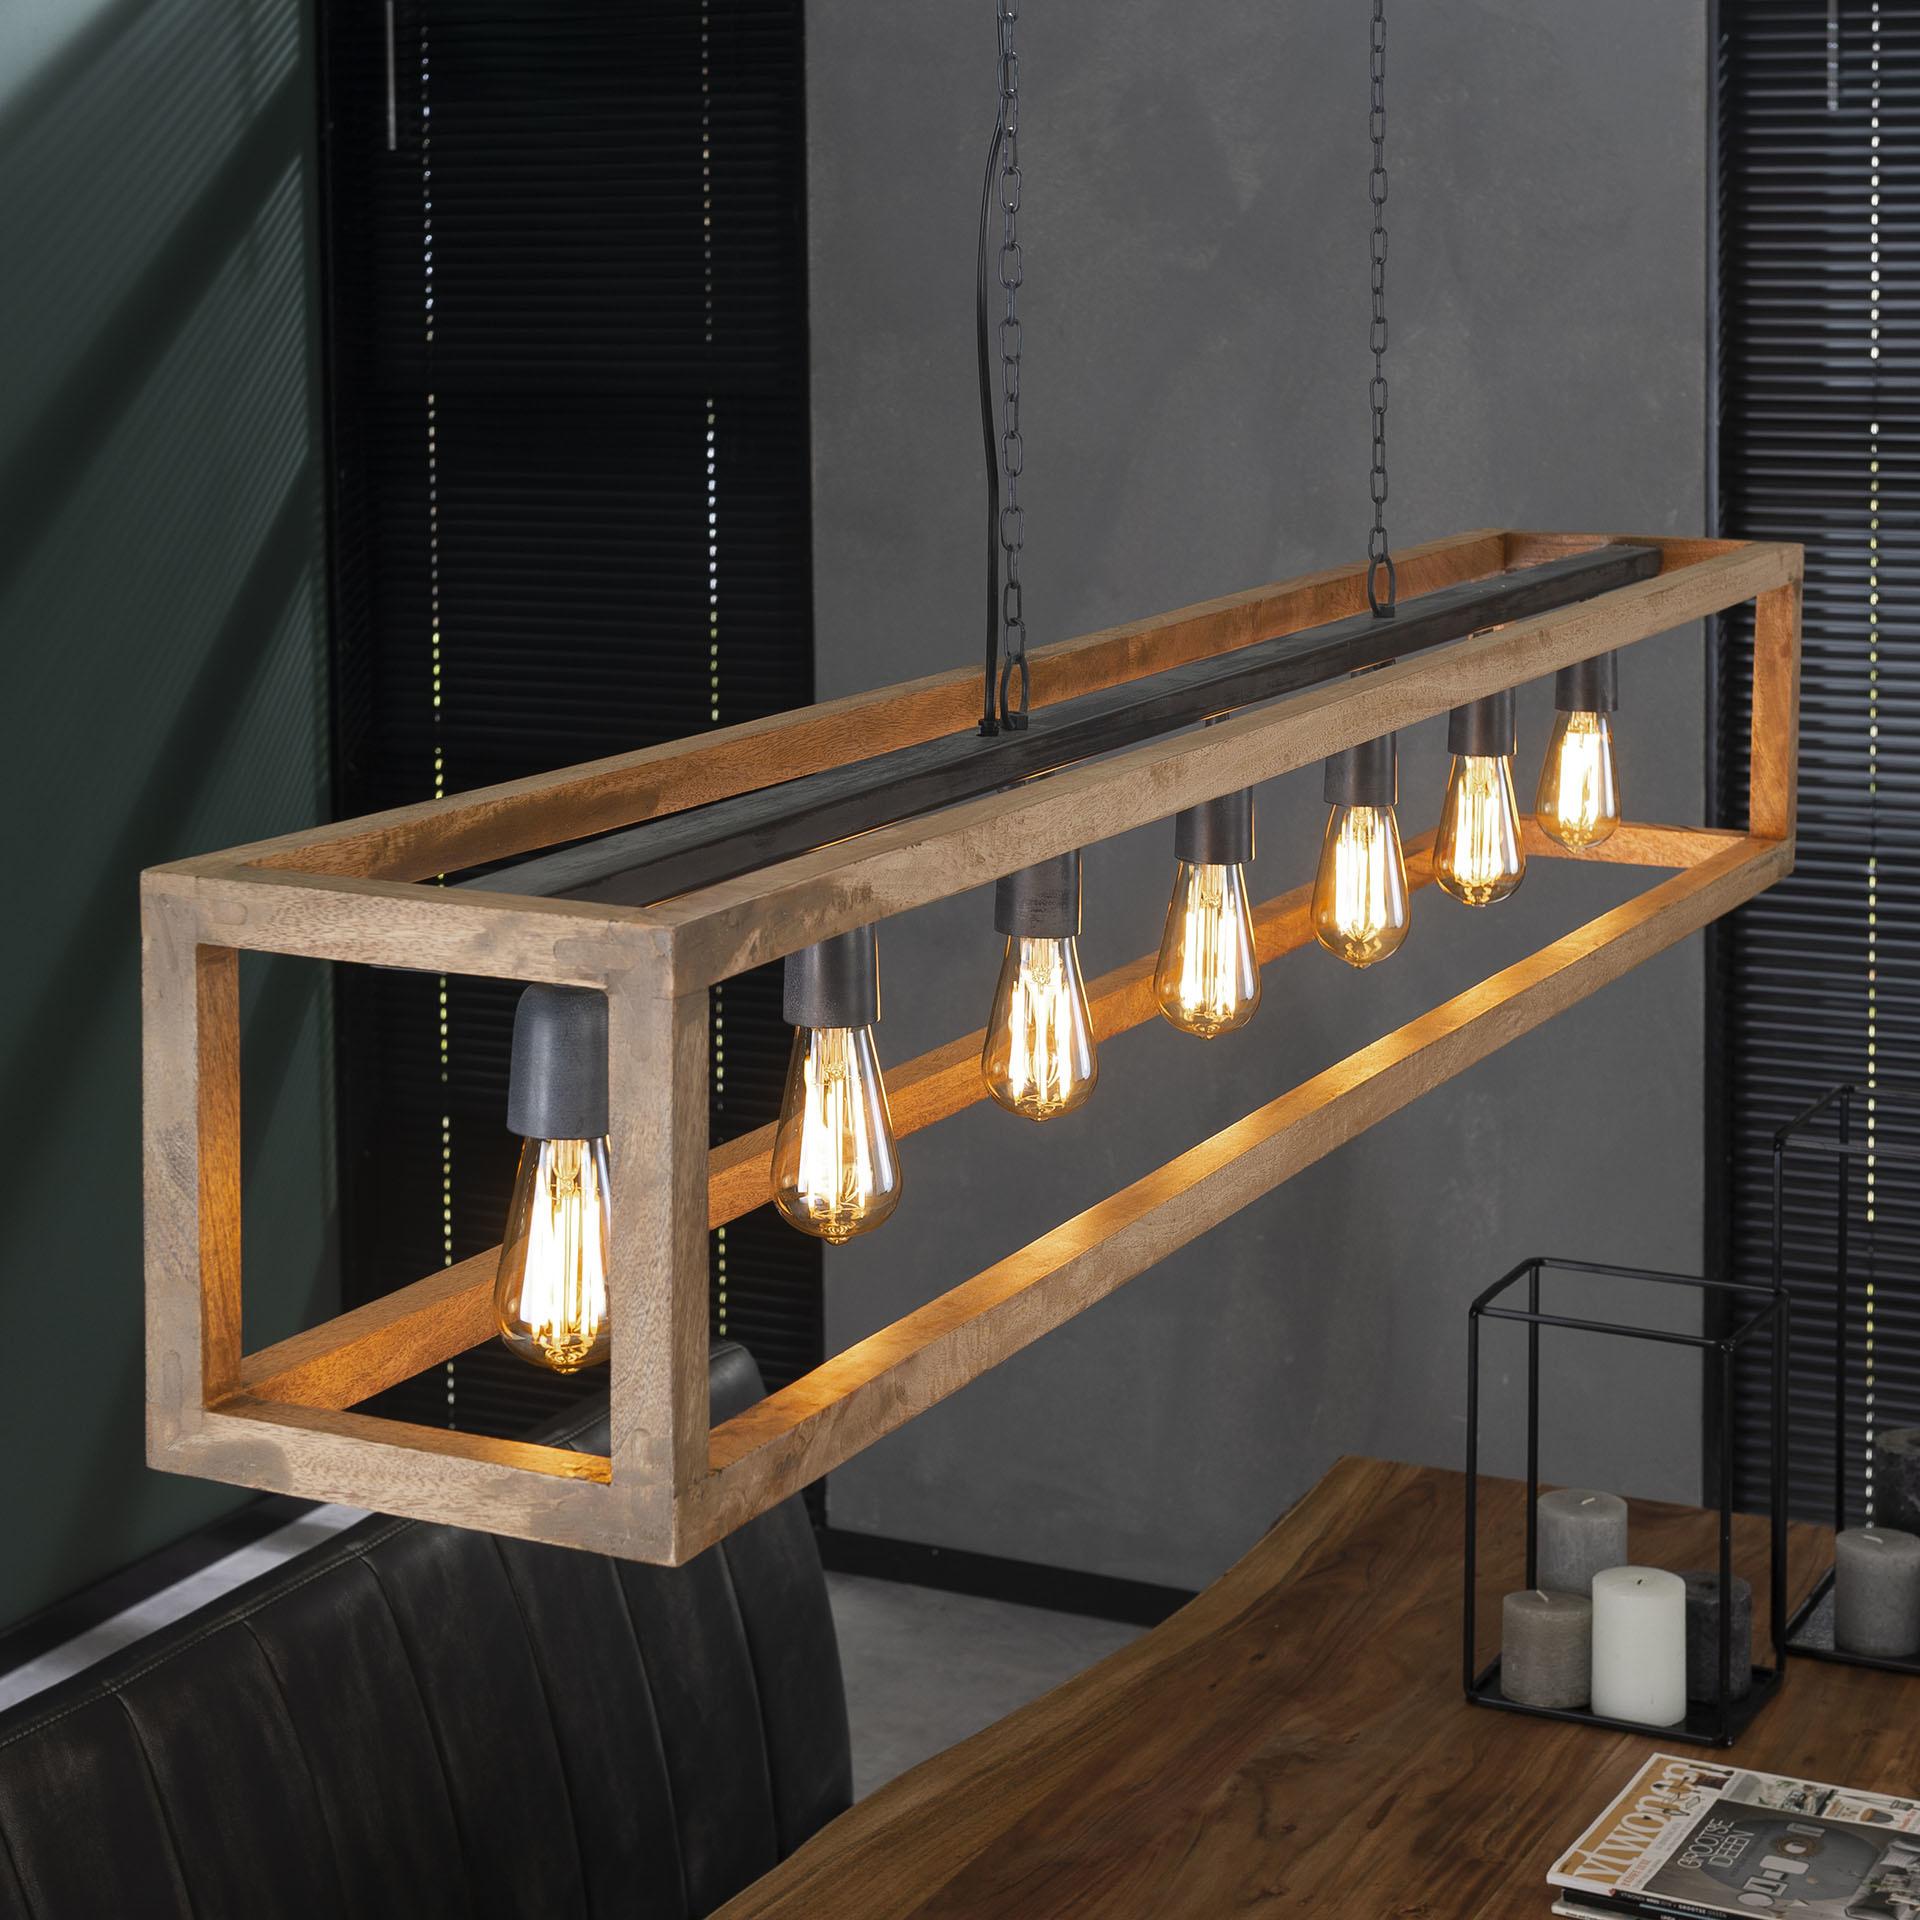 Genoeg Vintage Hanglamp 7L rechthoek houten frame - perfectlights.be MX57